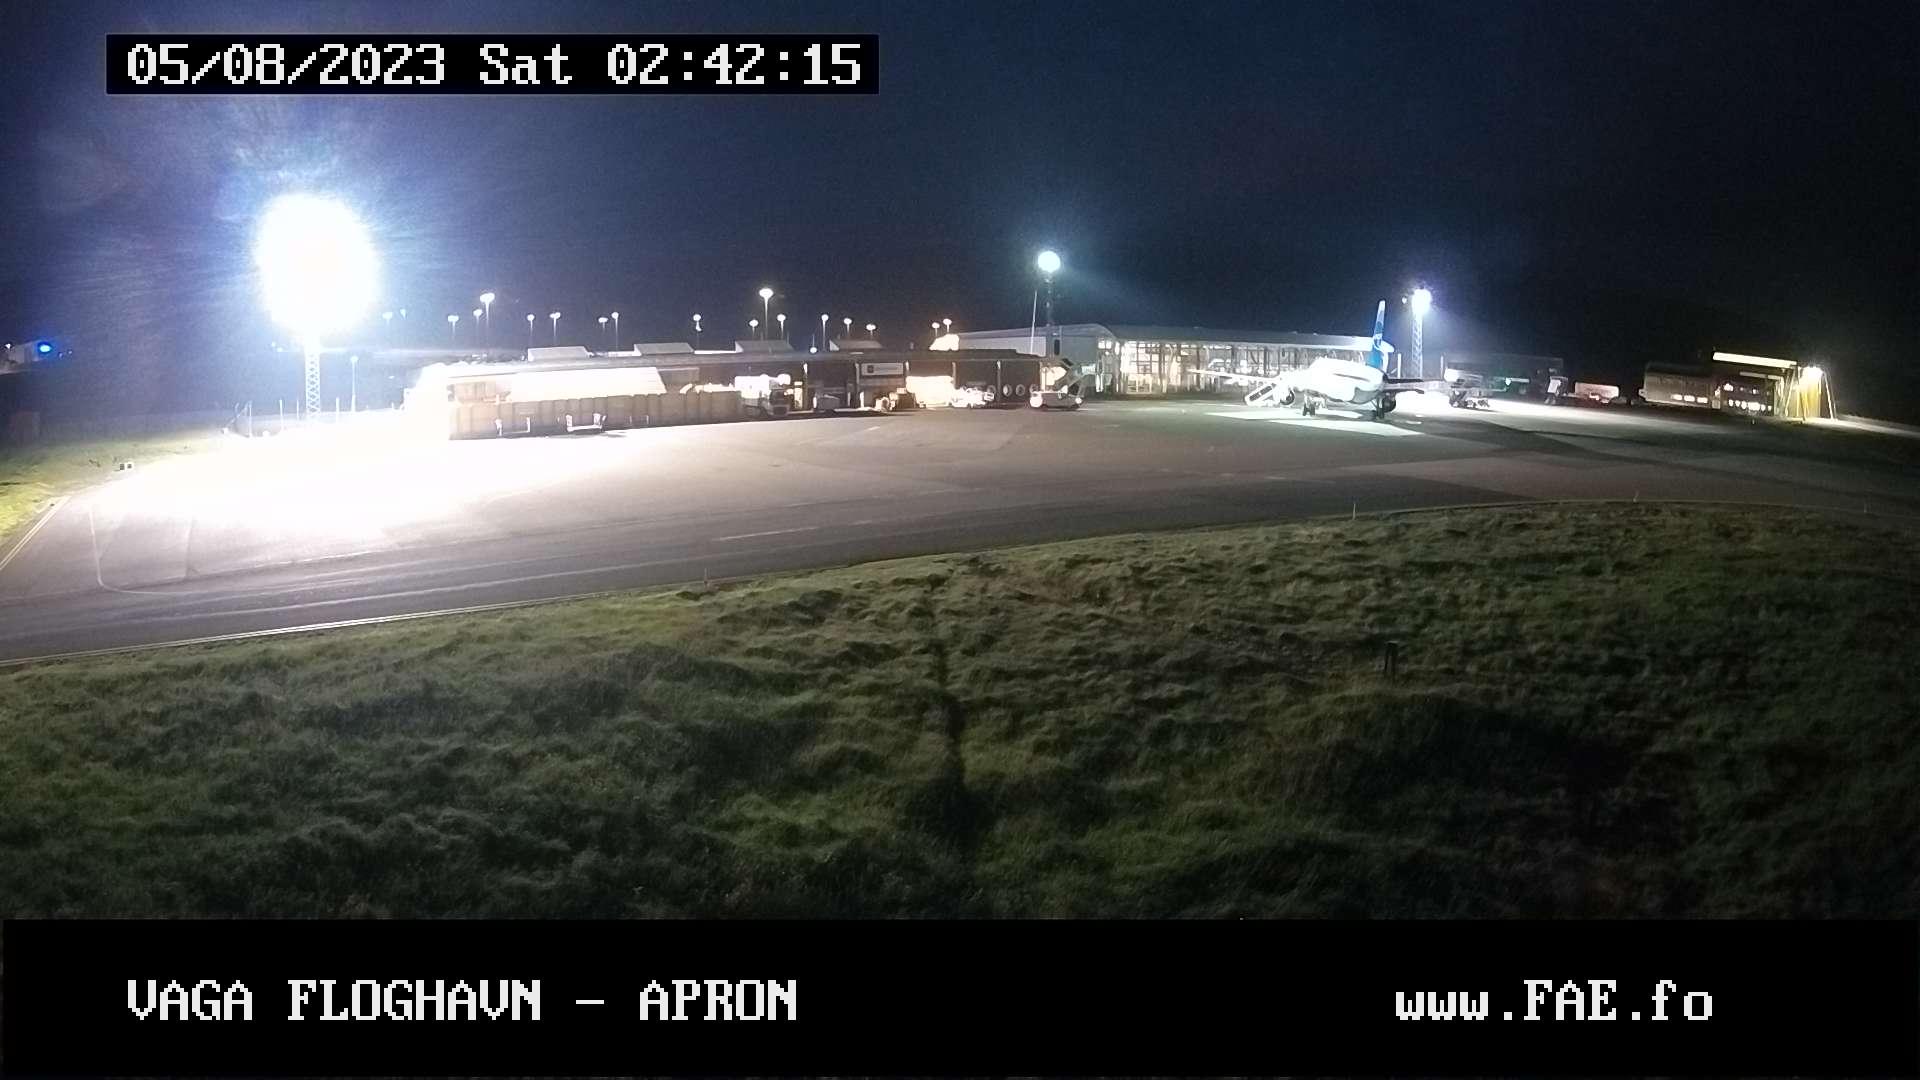 Vejret lige nu, i lufthavnen Vagar på Færøerne.